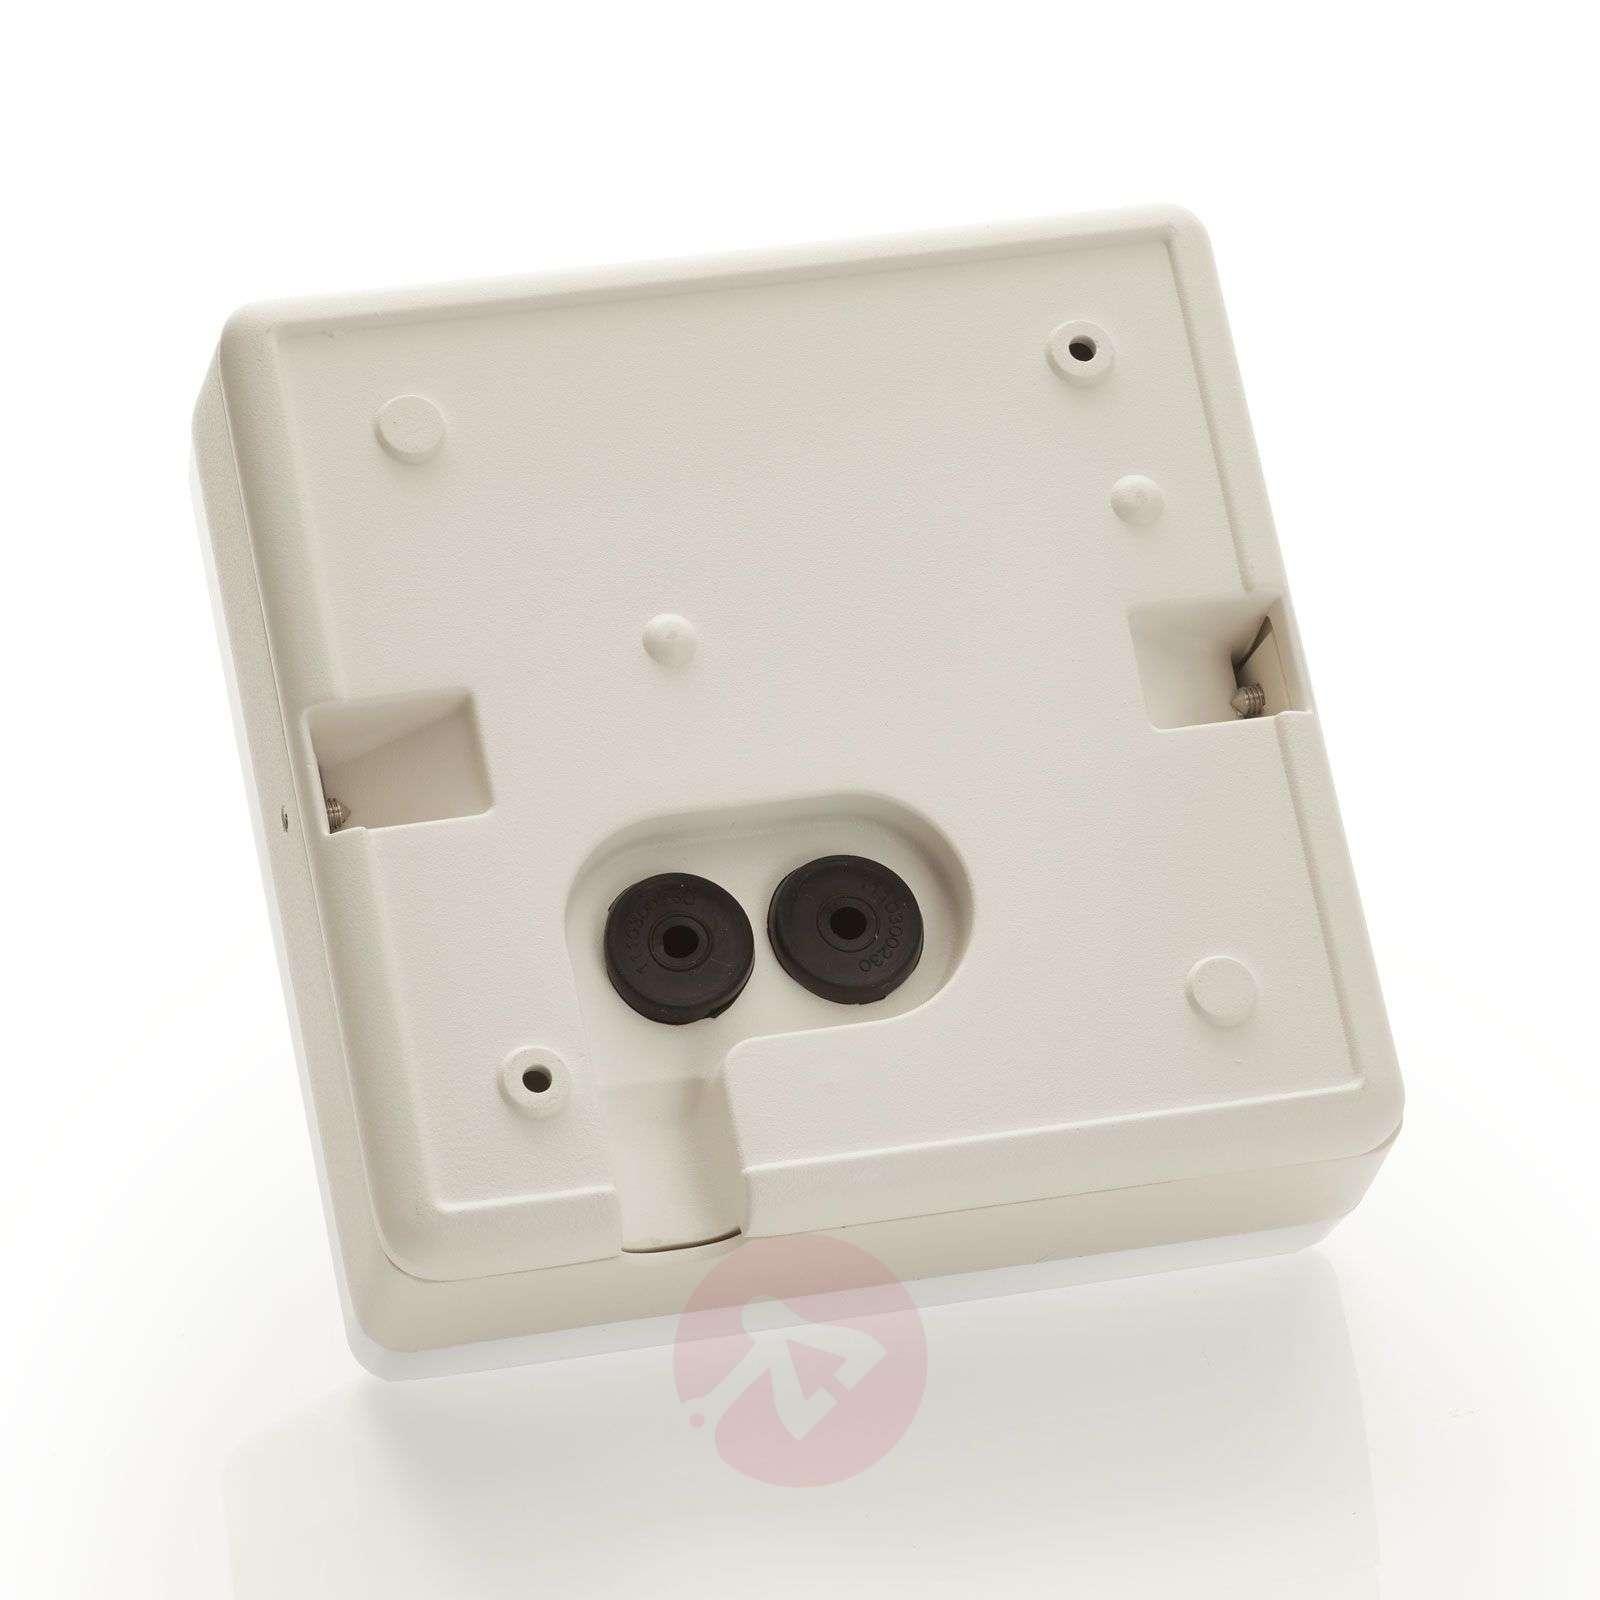 LED-kattovalaisin Thilo, valkoinen, 16 cm-9969144-02